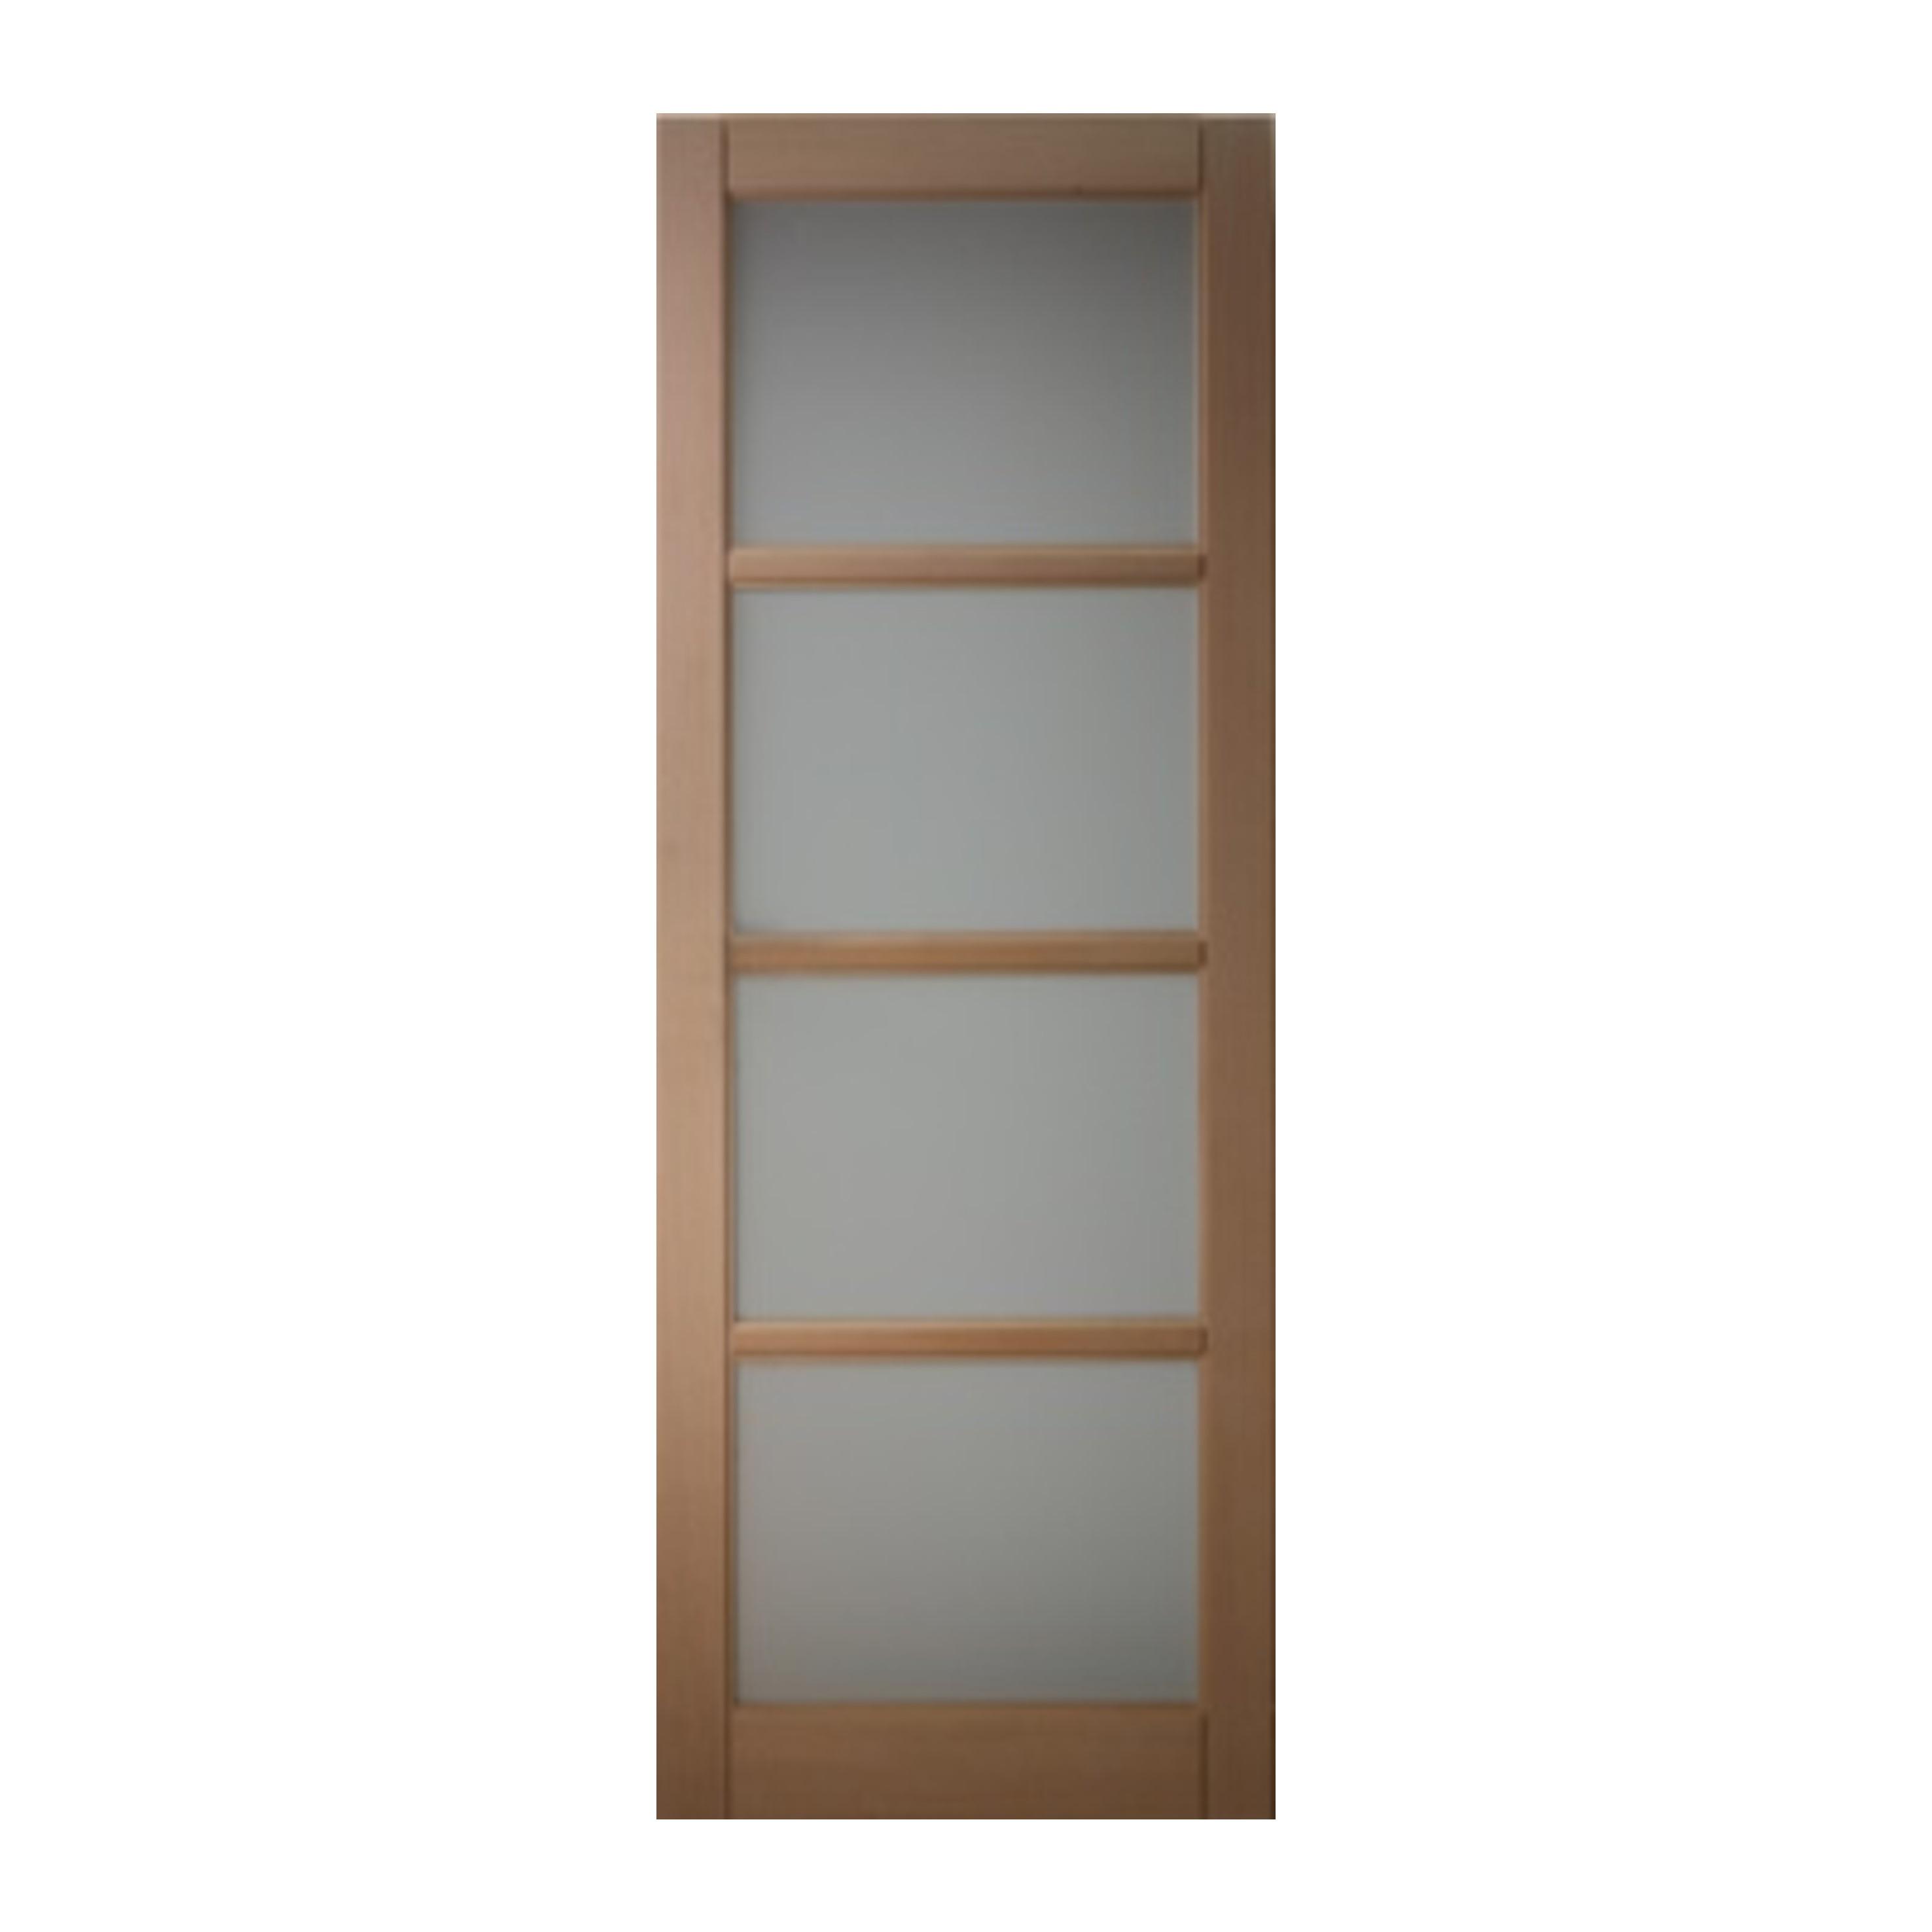 porte seule coulissante bois h tre 4 vitrages 2040 x 630 mm saint leger sous brienne 10500. Black Bedroom Furniture Sets. Home Design Ideas